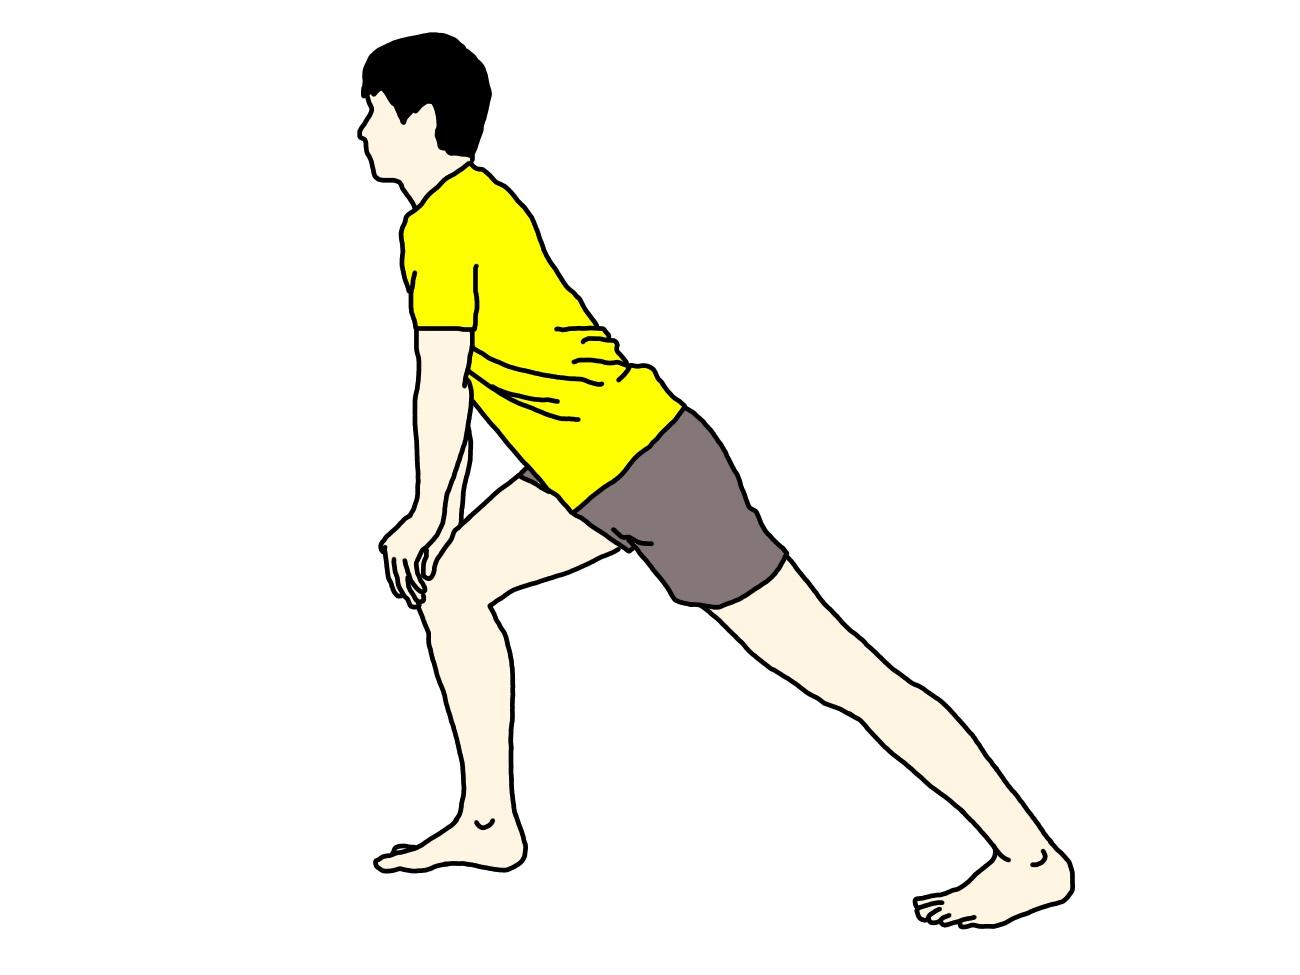 ふくらはぎ〜アキレス腱(下腿三頭筋)のストレッチのイラスト